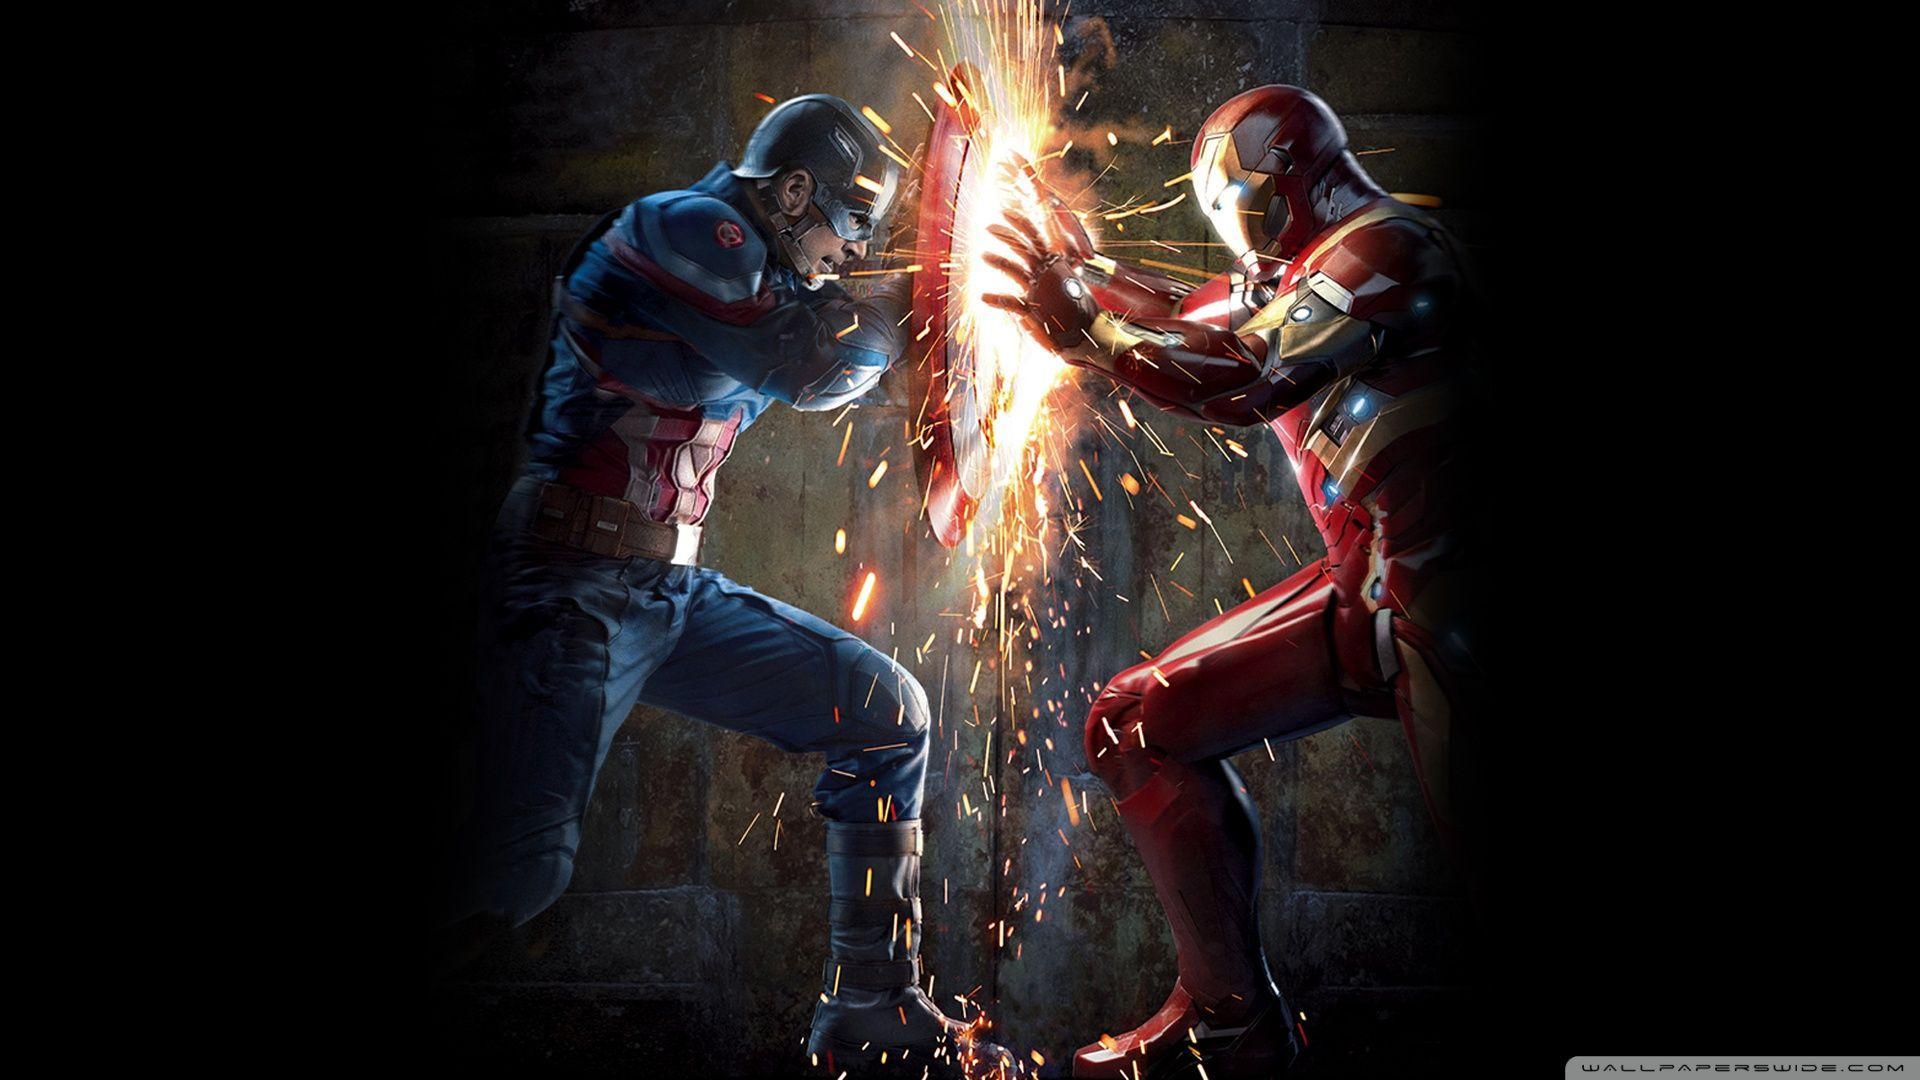 Captain America Full HD Wallpapers - Wallpaper Cave